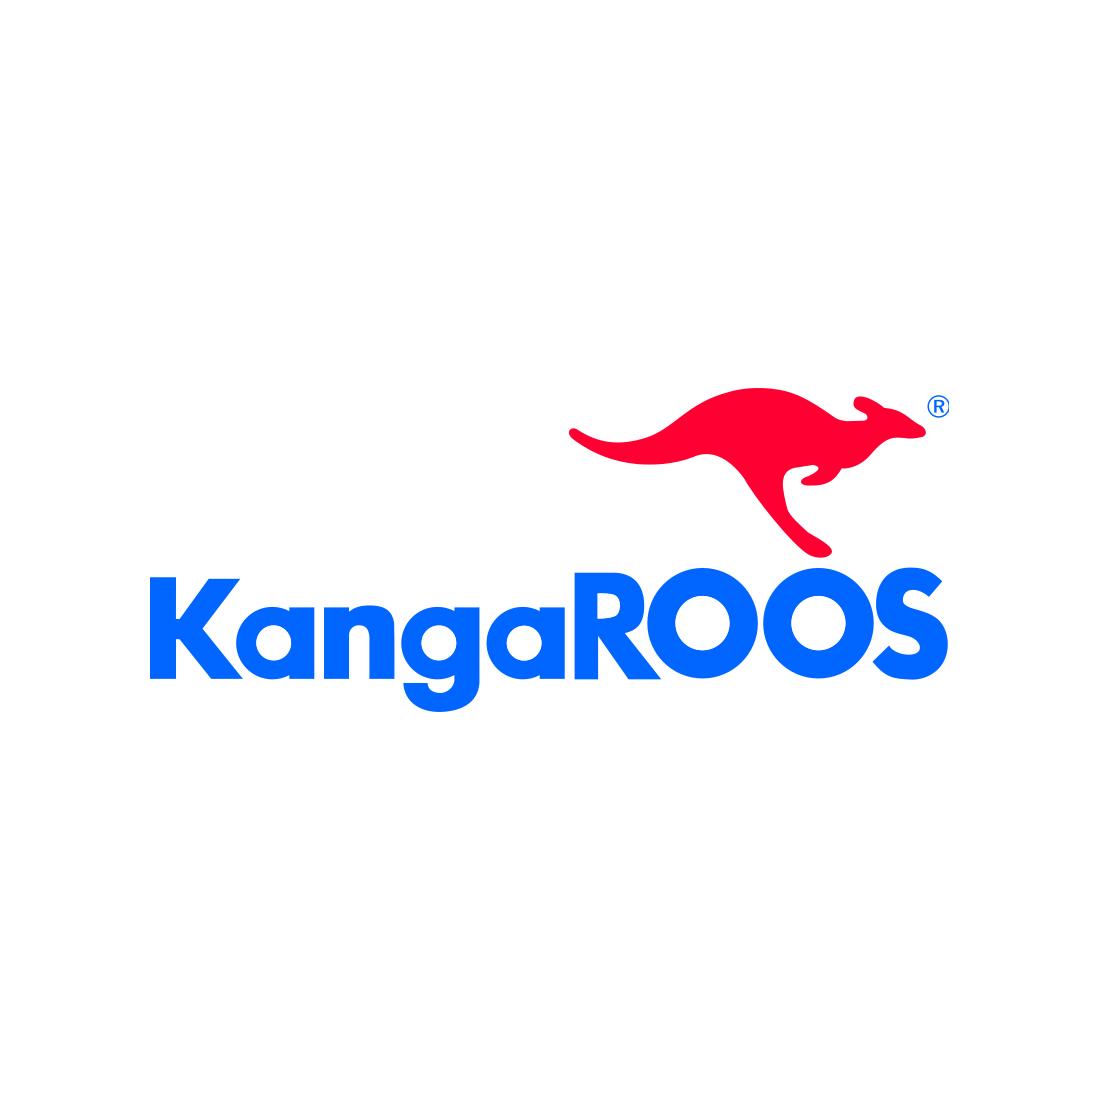 799px-KangaROOS.svg